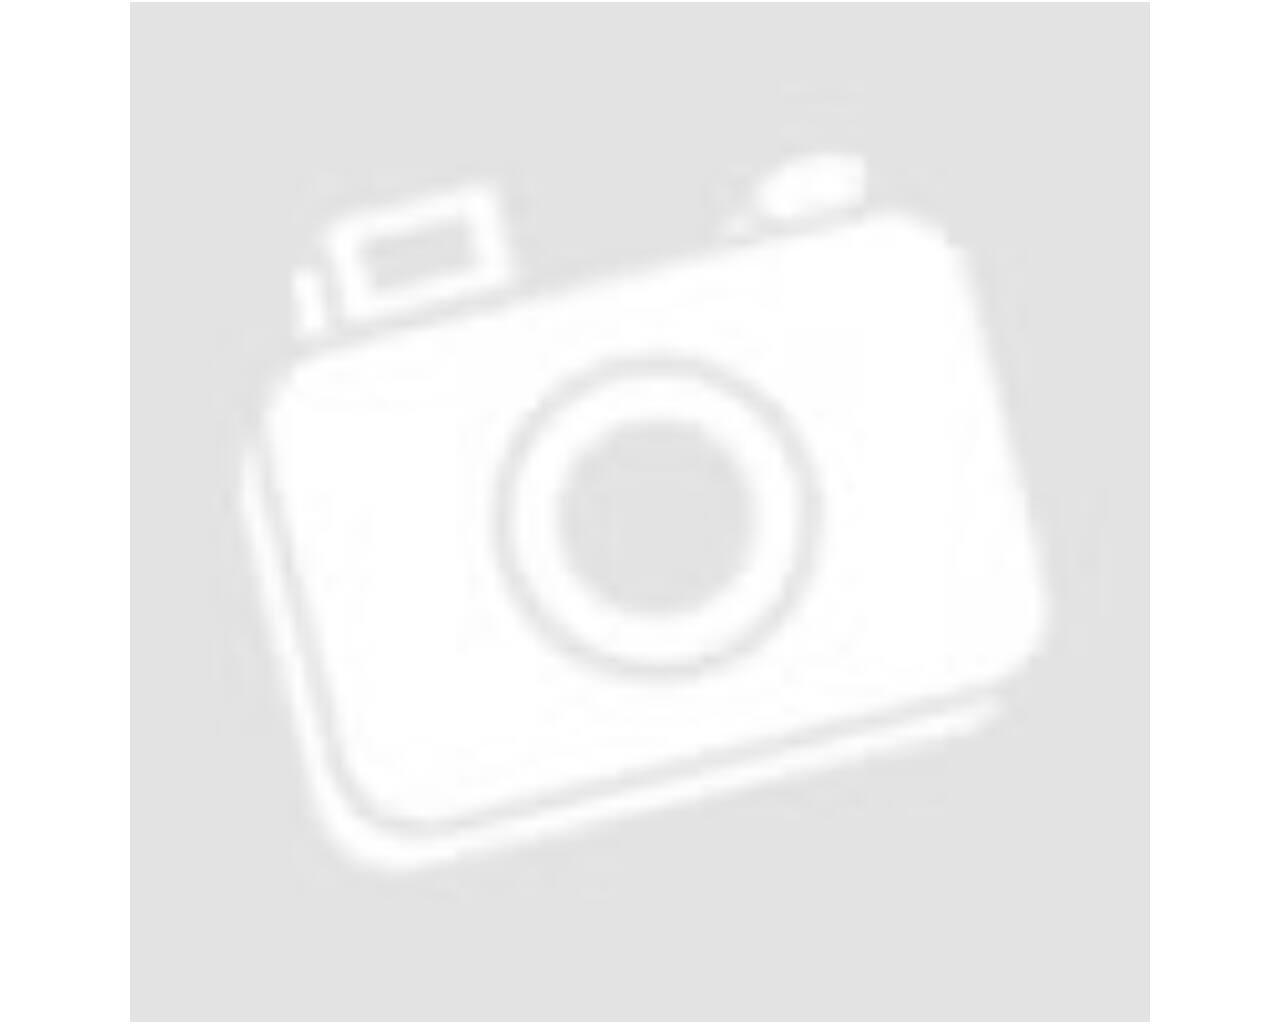 Aba Terrakotta + márványkályha, 8 kW, 1320 x 465 x 465 mm